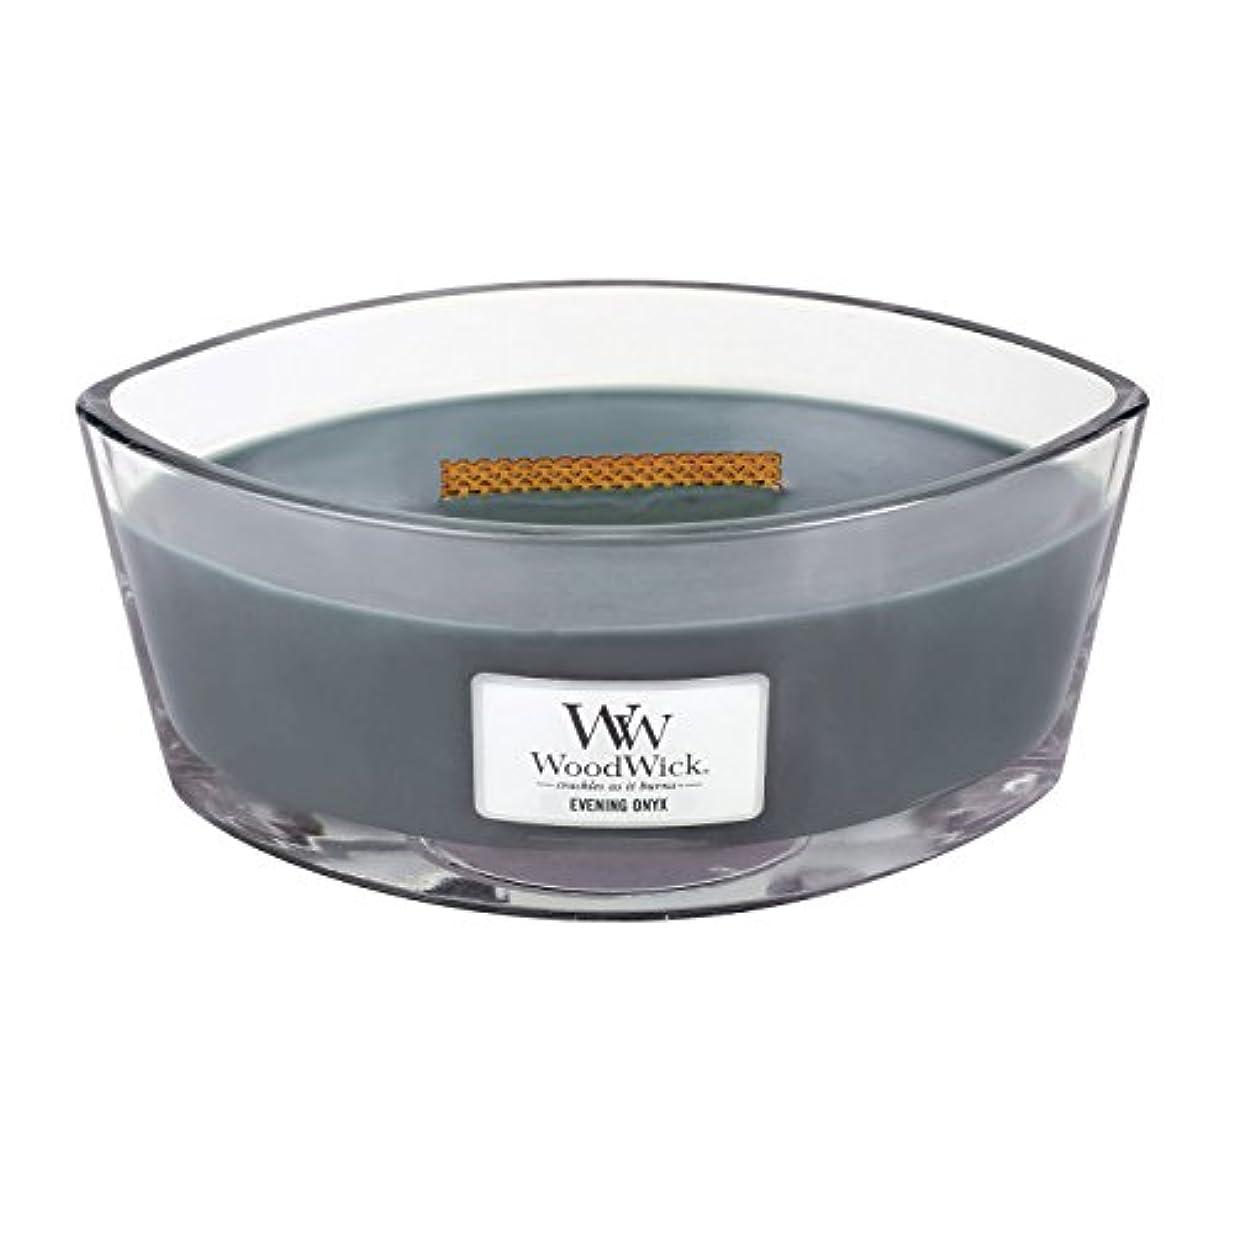 チェスぜいたくぜいたくWoodWick EVENING ONYX, Highly Scented Candle, Ellipse Glass Jar with Original HearthWick Flame, Large 18cm, 470ml